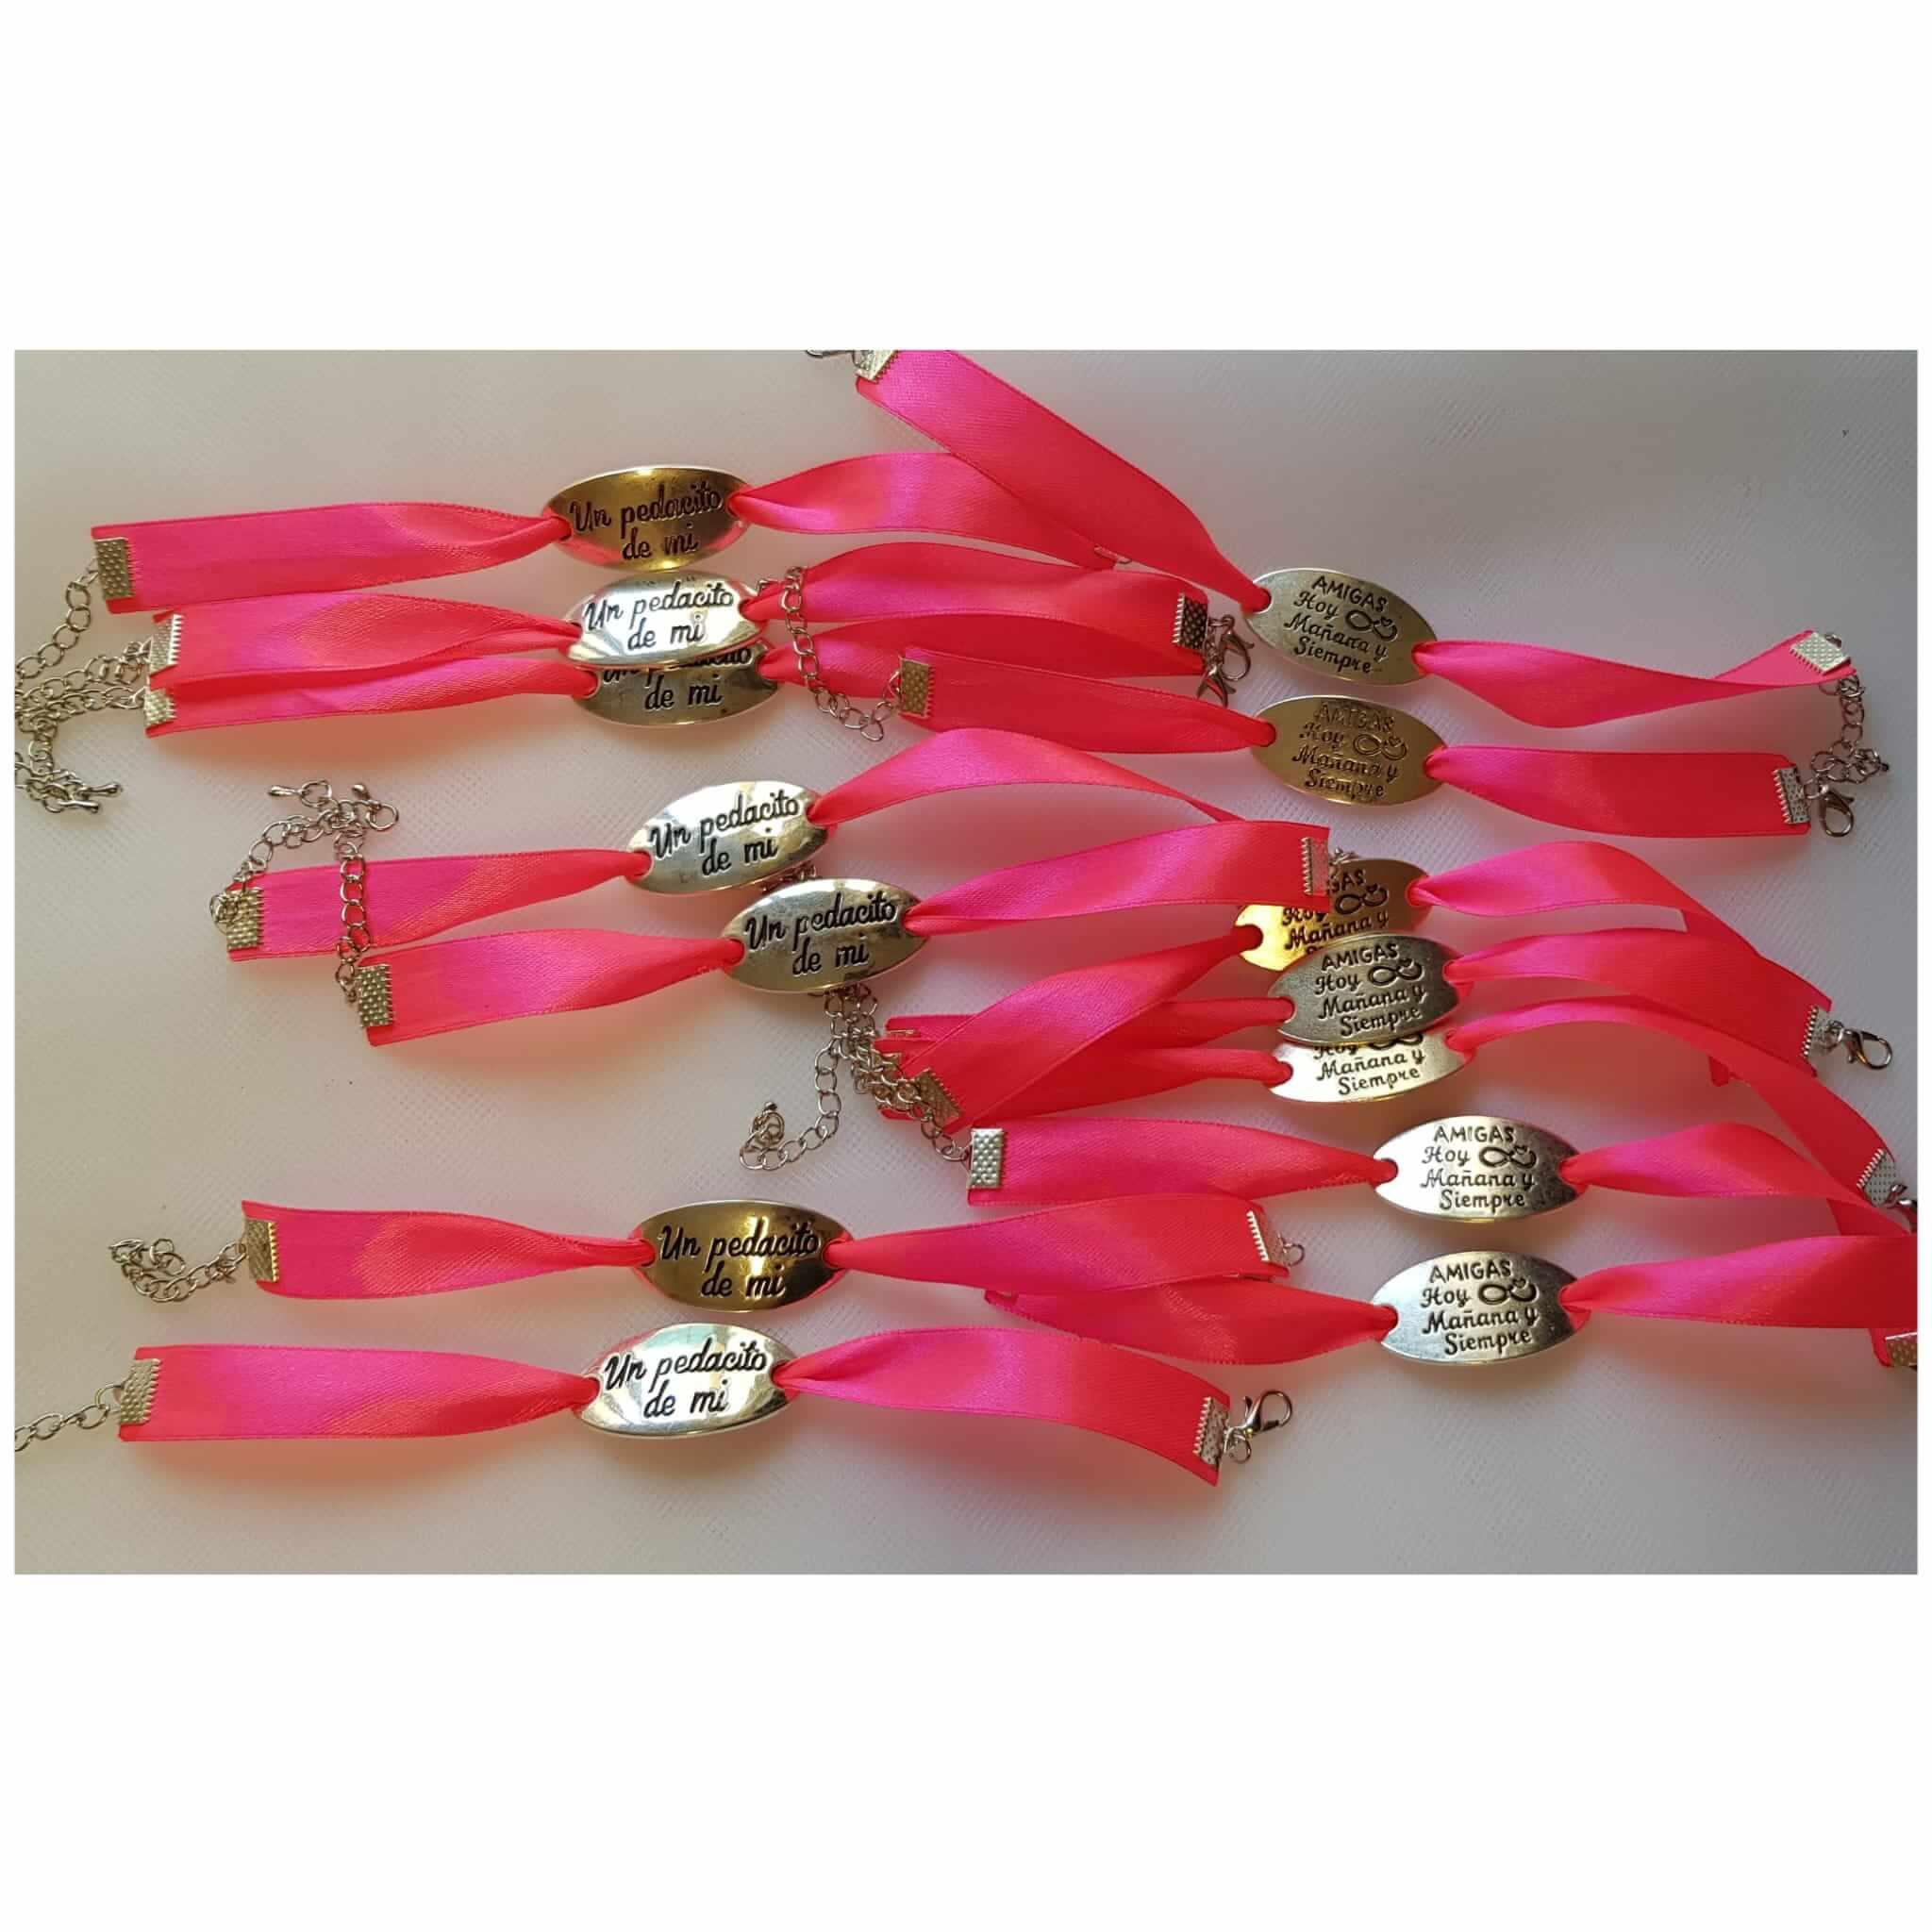 Pulseras personalizadas - Pegalos para invitados  pulseras personalizadas - pulseras personalizadas pulseras grabadas regalos para invitados 1 - Pulseras personalizadas – Regalos para invitados